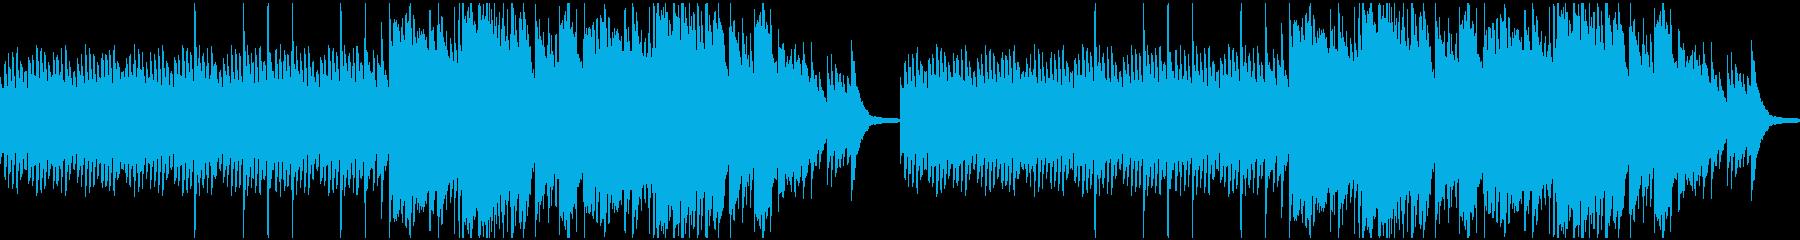 悲しい、暗い系のピアノの再生済みの波形